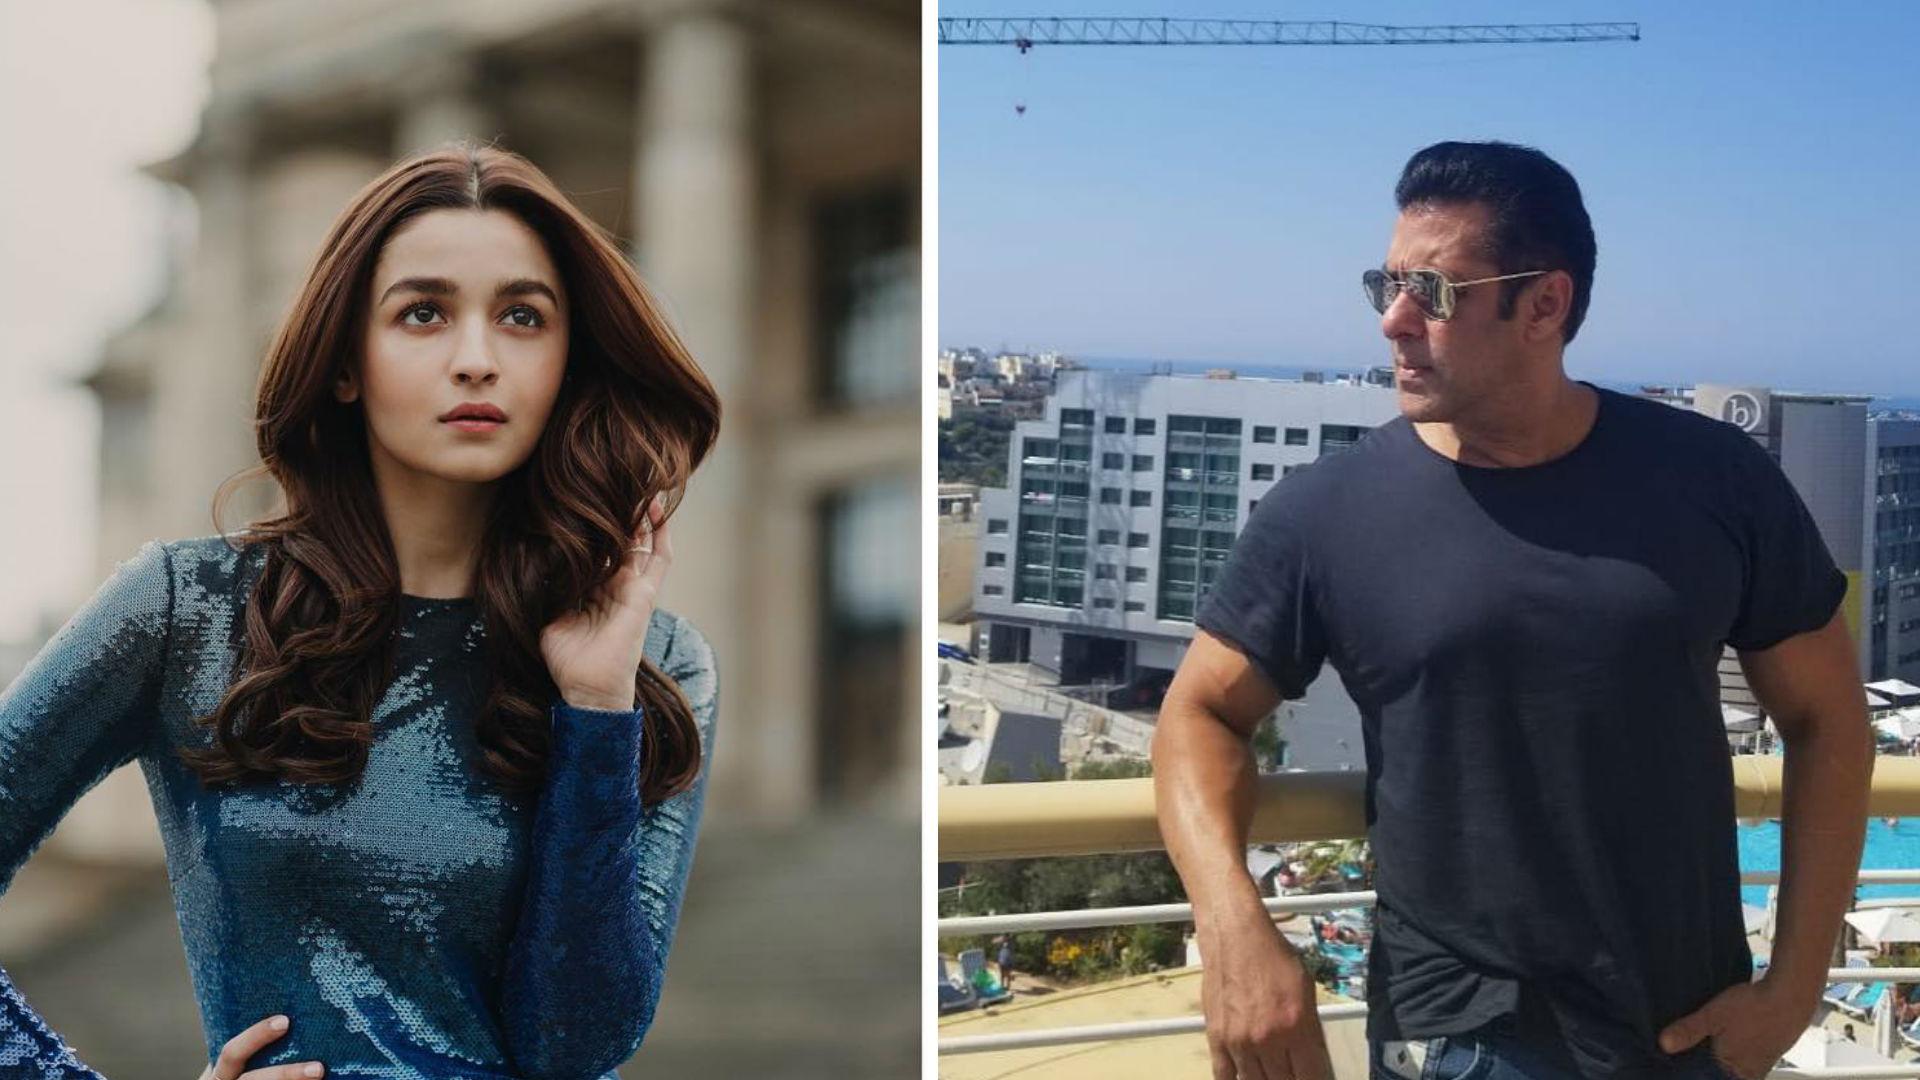 इंशाअल्लाह में सलमान खान-आलिया भट्ट के रोल का खुलासा, फिल्म में यूं होगा बेमेल जोड़ी का मेल